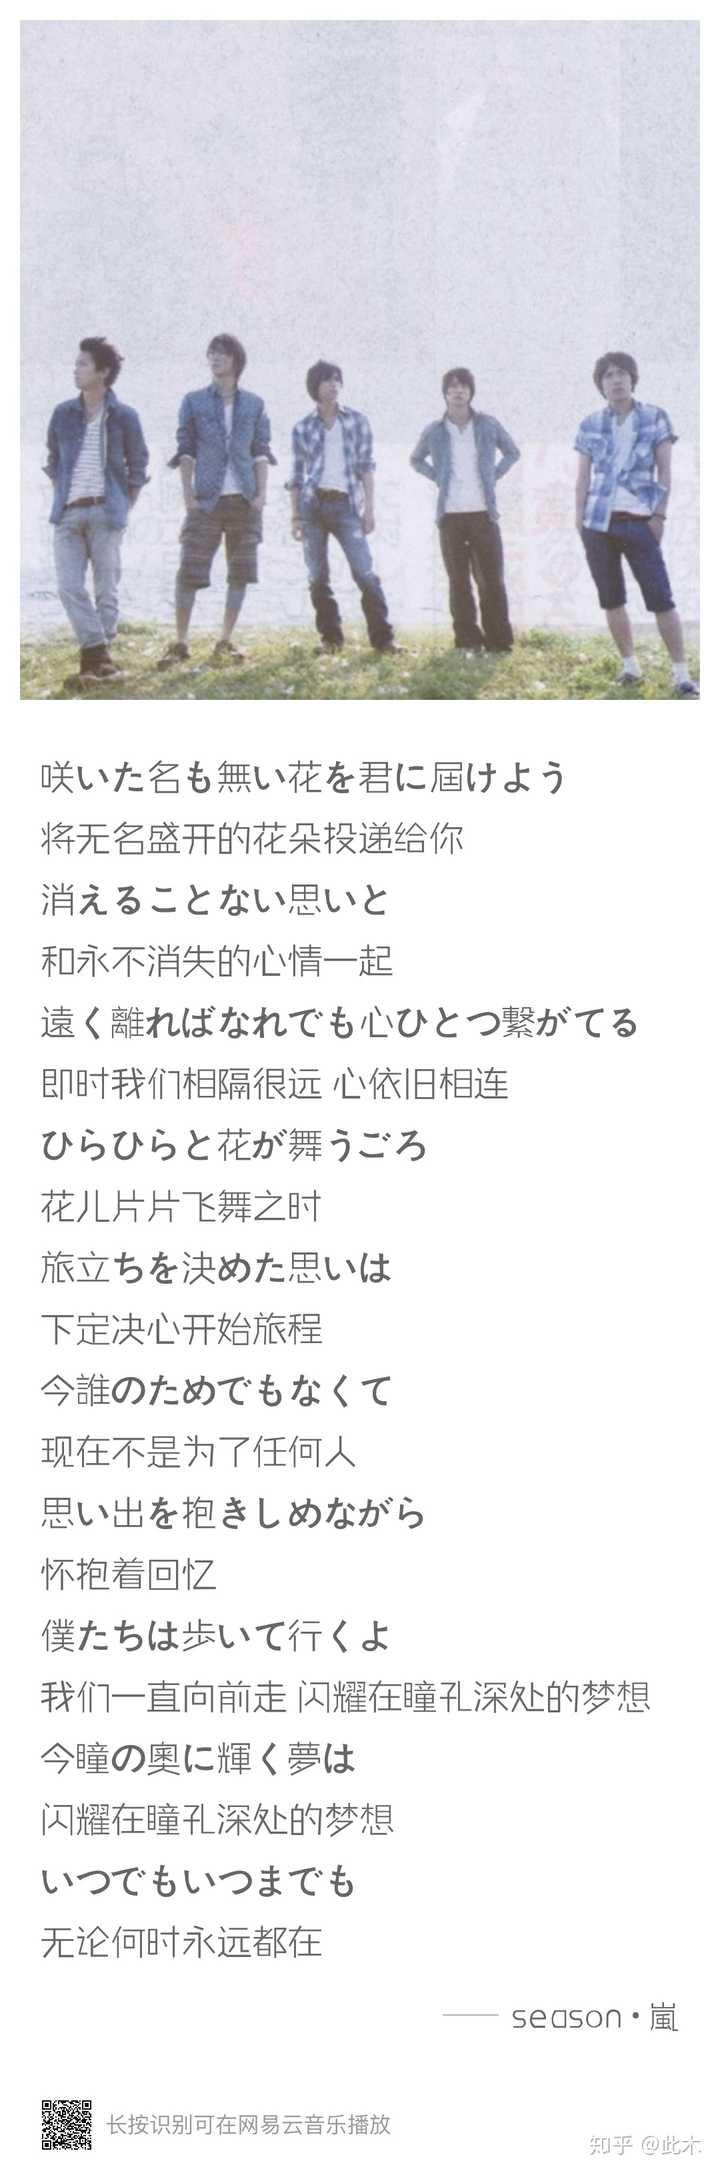 歌詞 意味 奏